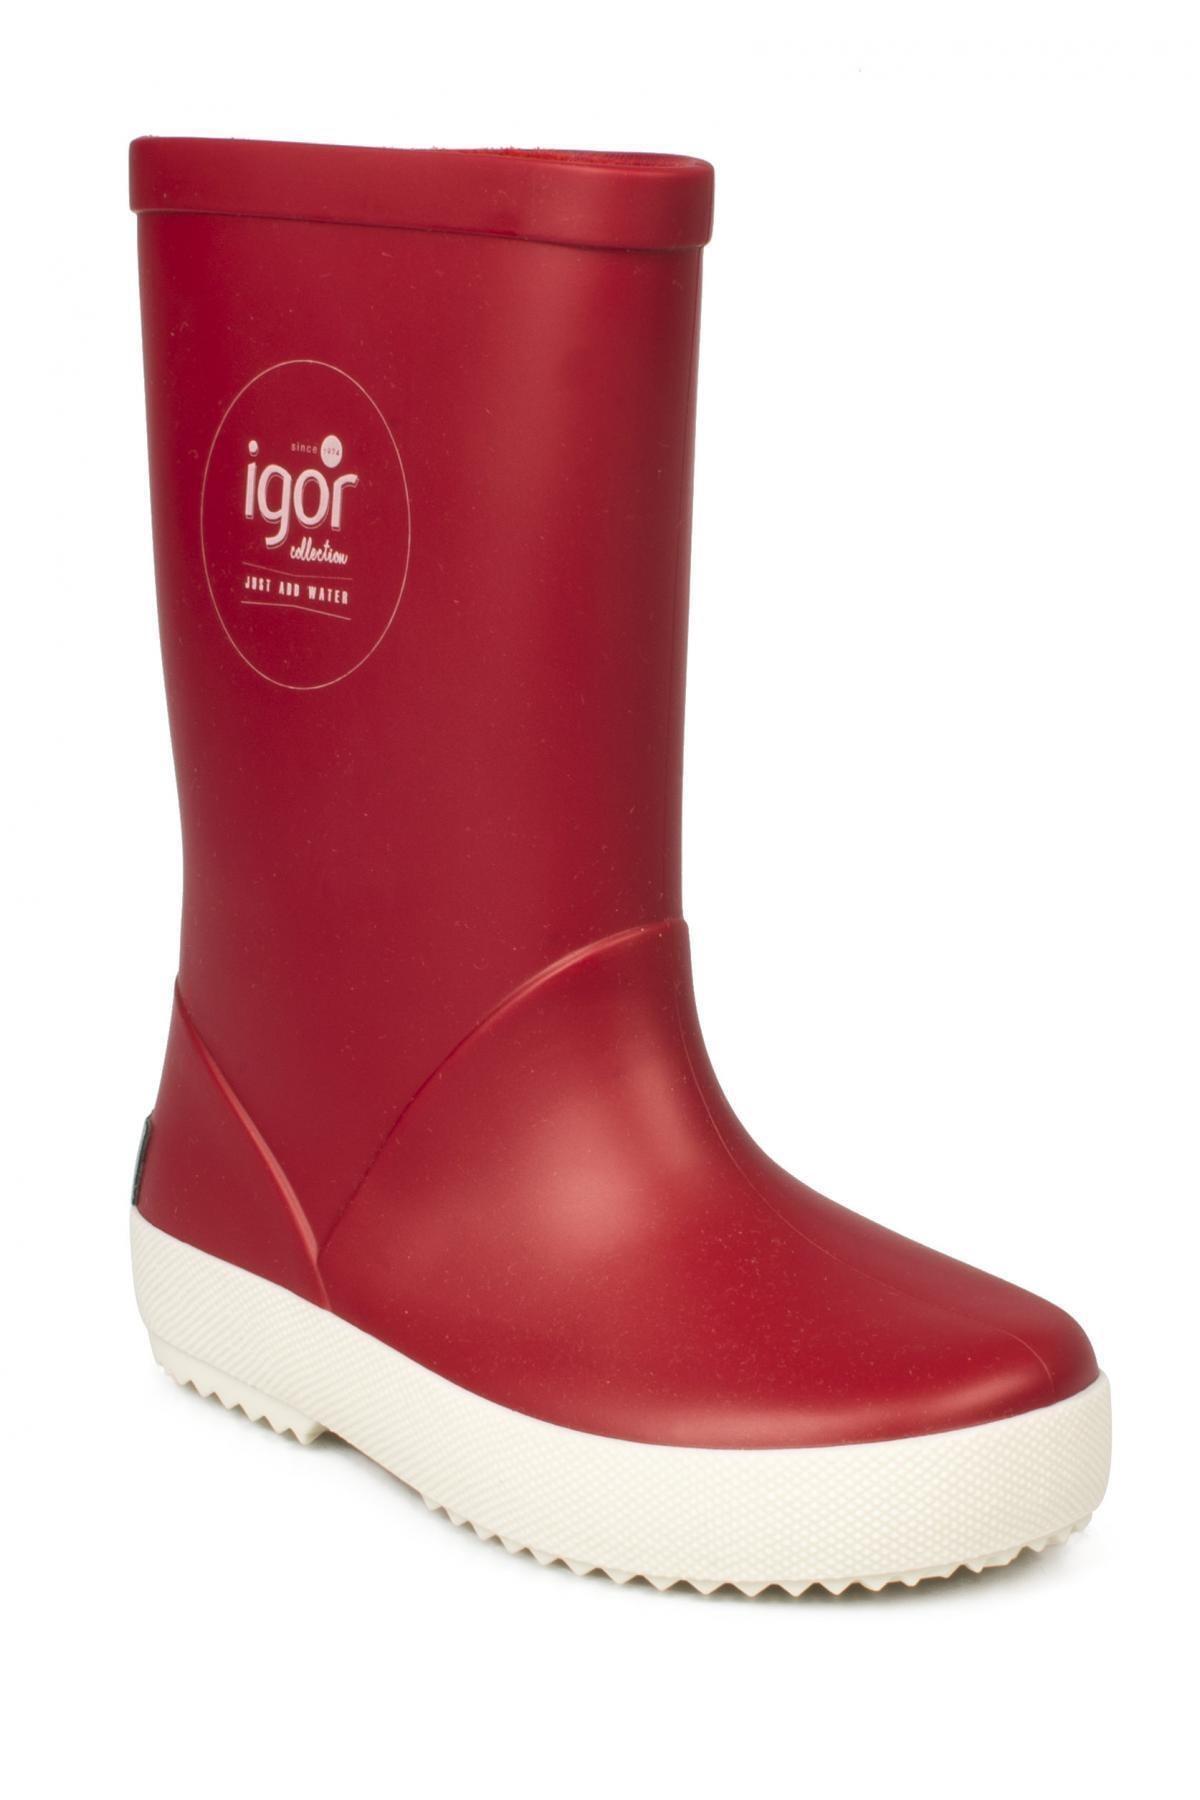 IGOR SPLASH NAUTICO Kırmızı Unisex Çocuk Yağmur Çizmesi 100317971 1